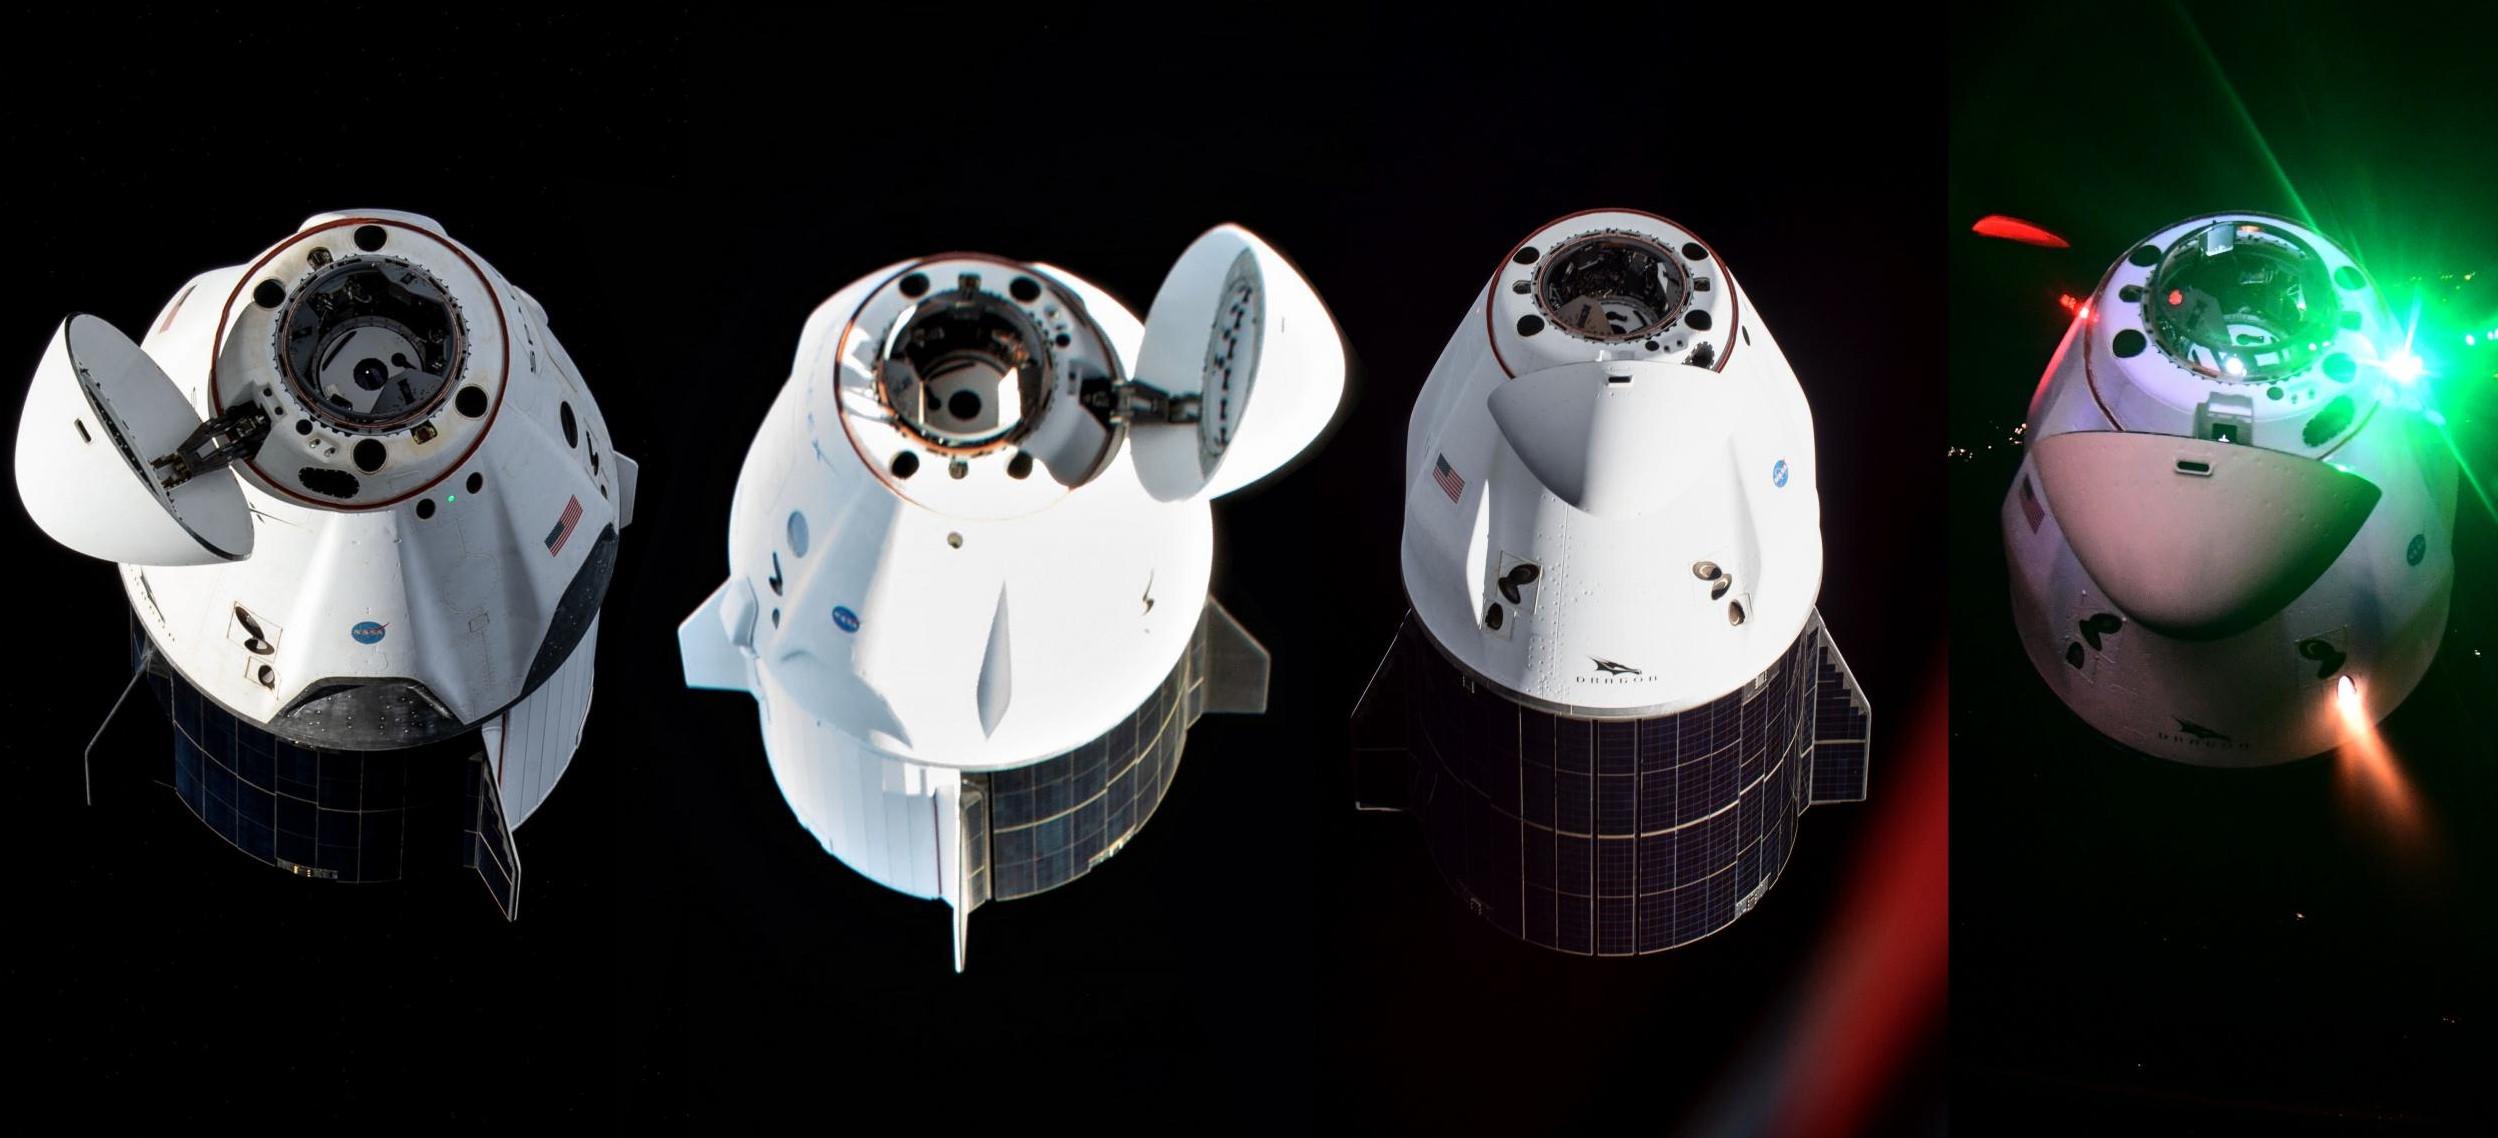 Dragon C206 C207 C208 C209 (NASA – ESA) 2 (c)